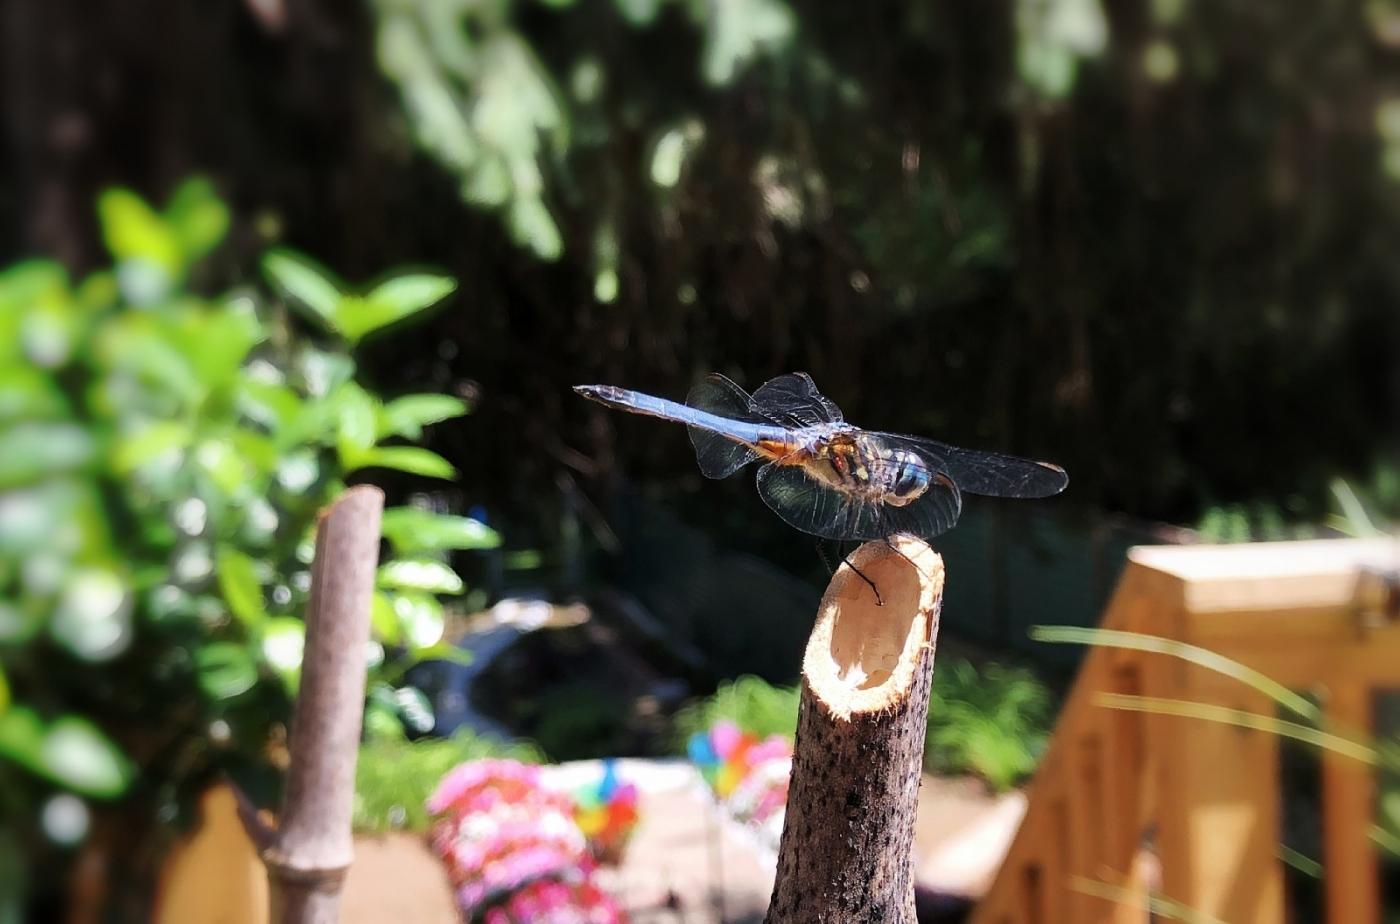 【田螺摄影】院子里的蜻蜓_图1-11